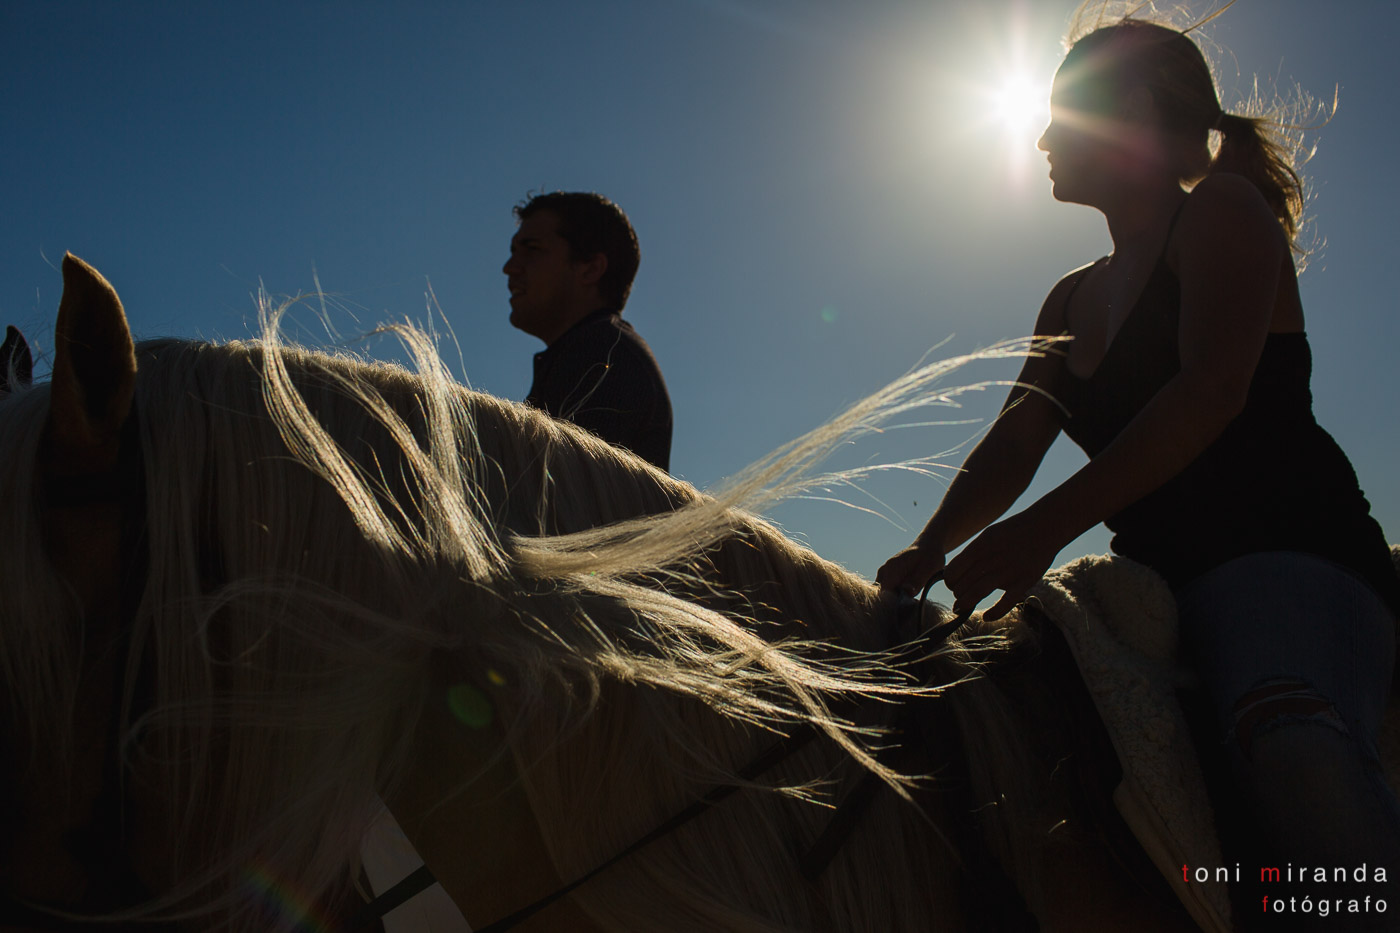 novios a caballo en contraluz